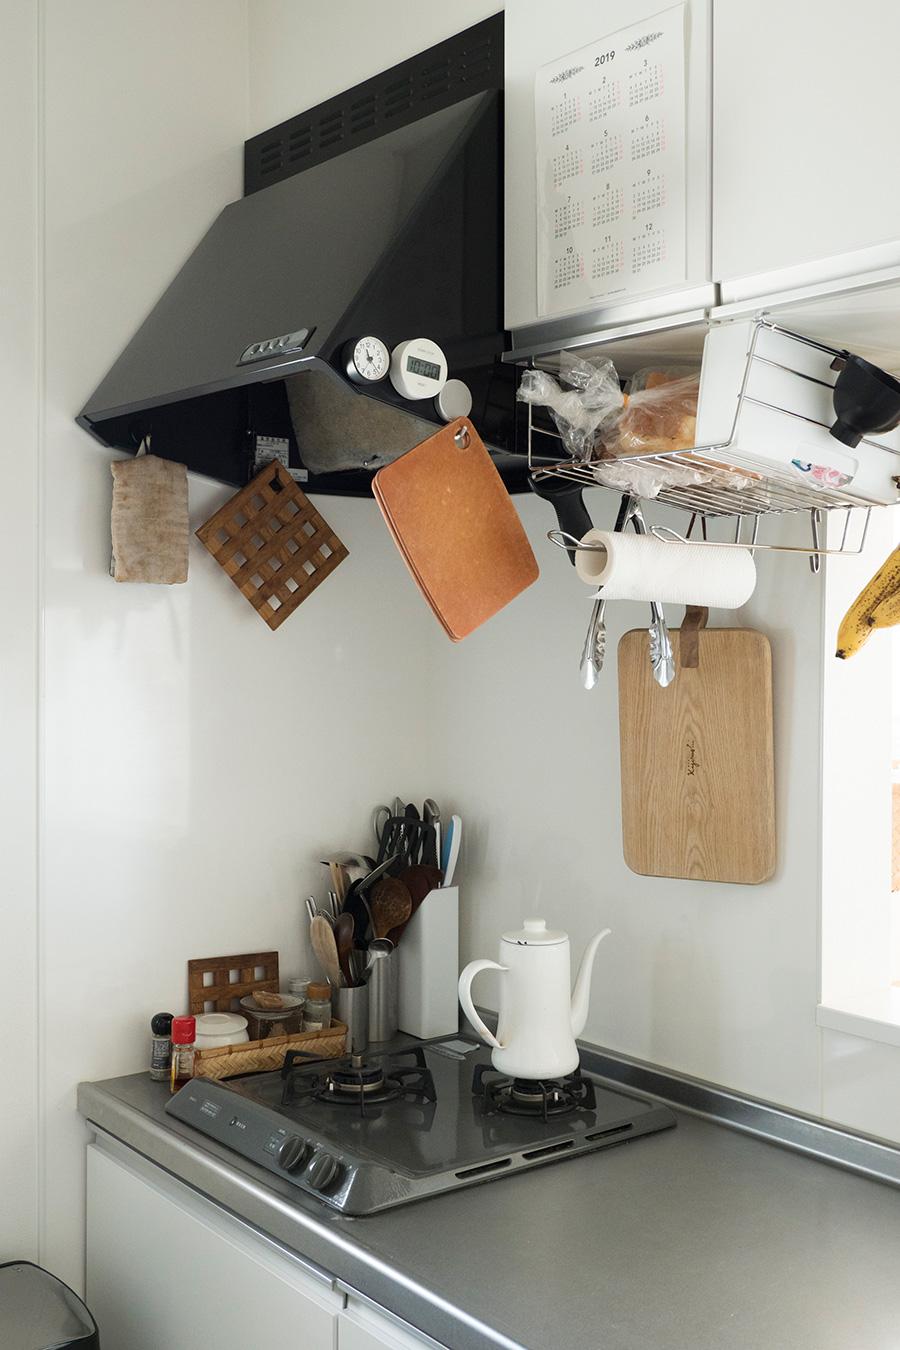 1軍の調理道具はコンロまわりに。空中に吊るすことで収納力をアップするとともに使いやすくなる。